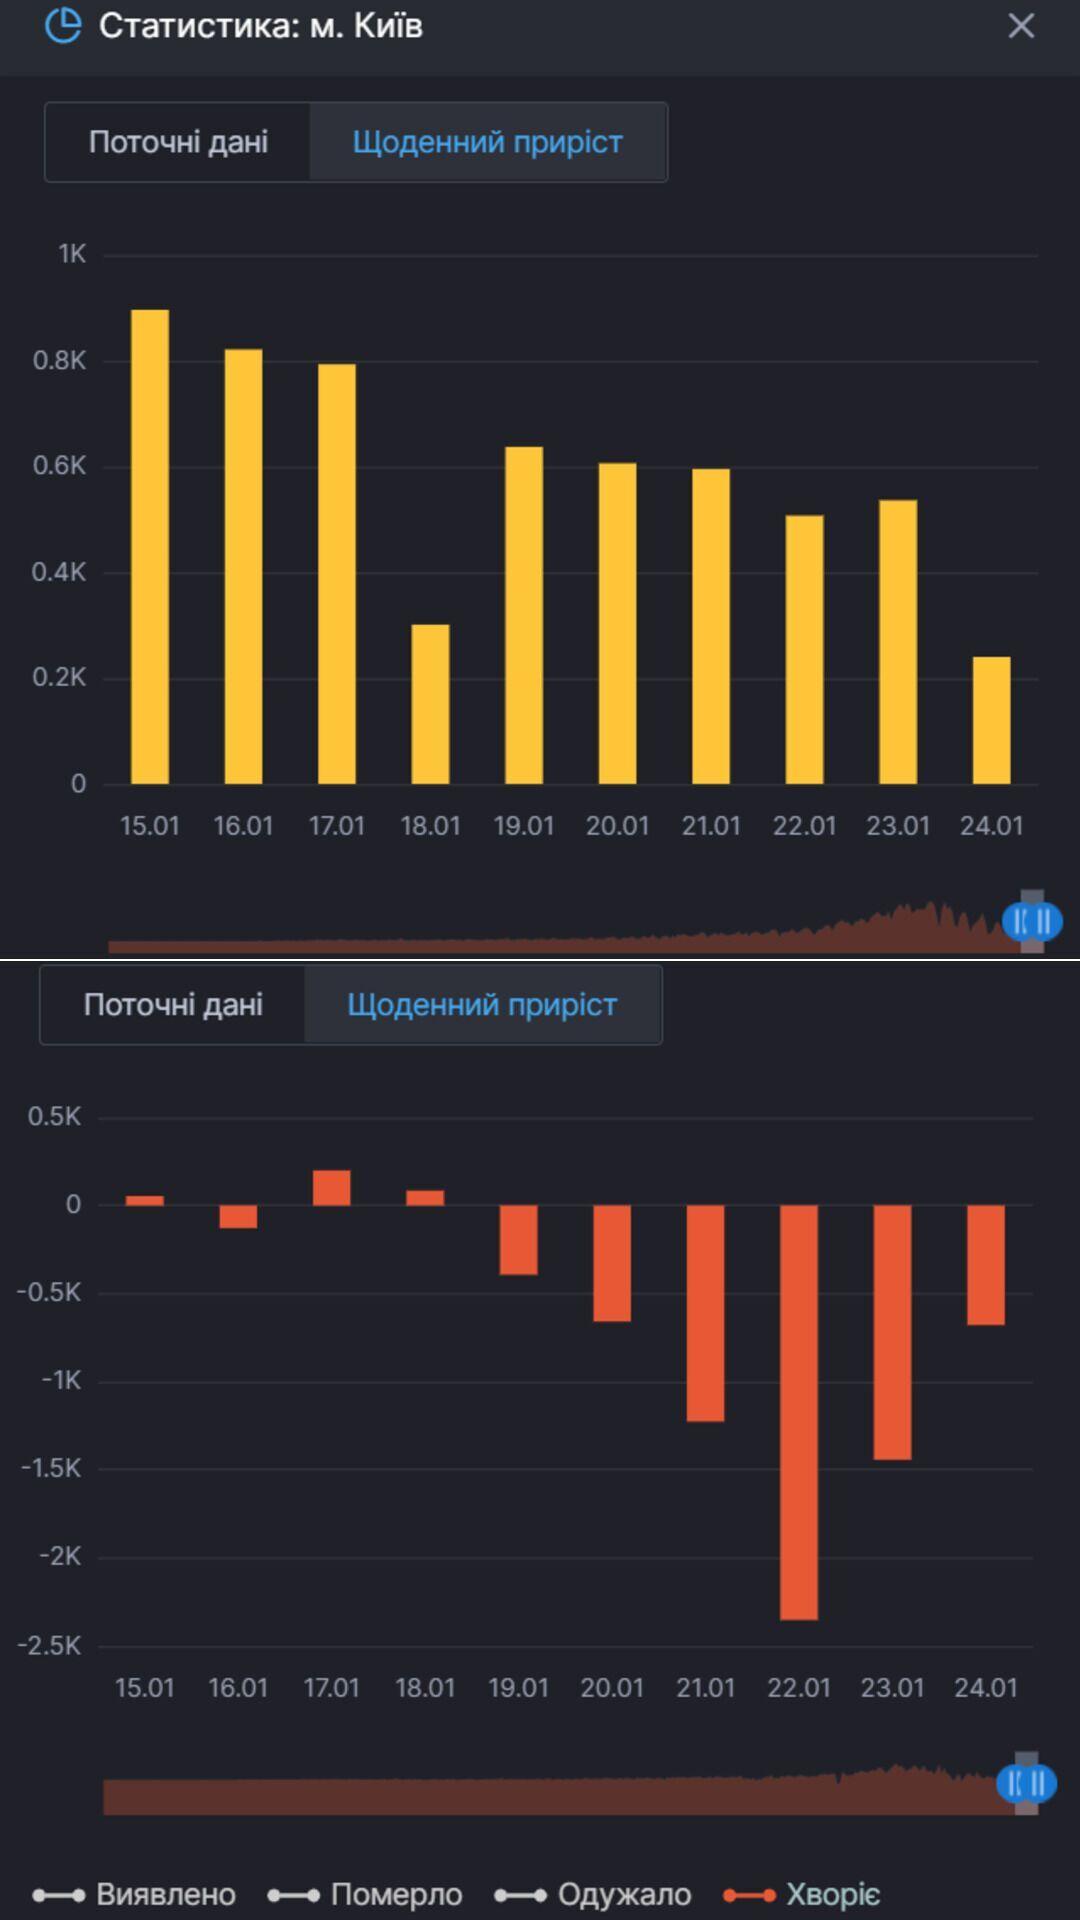 Приріст нових випадків COVID-19 у Києві й тих, хто продовжує хворіти на нього